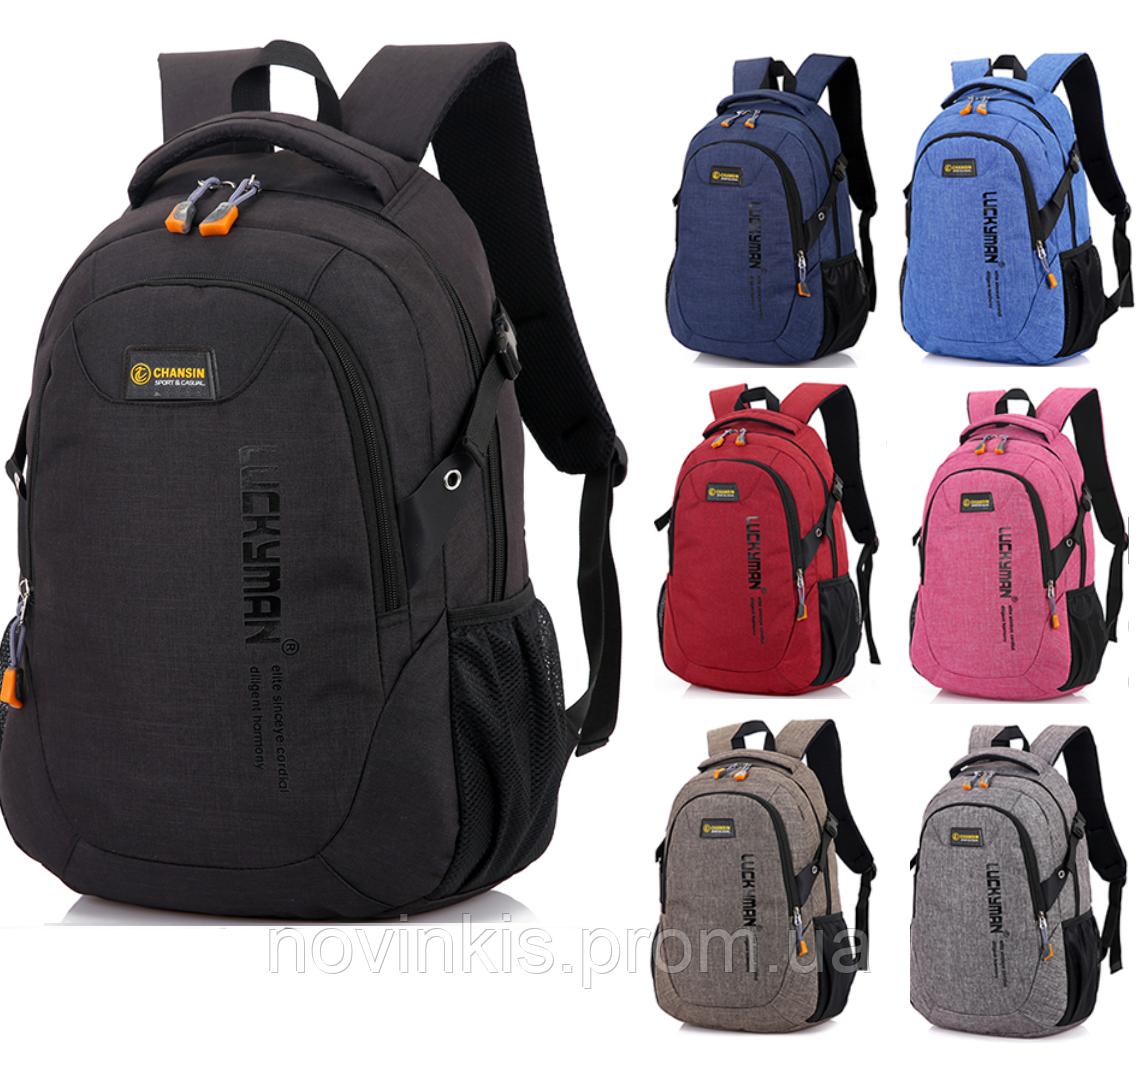 Женский жіночий городской спортивный рюкзак для ноутбука Luckyman Chansin 30л, красных нет